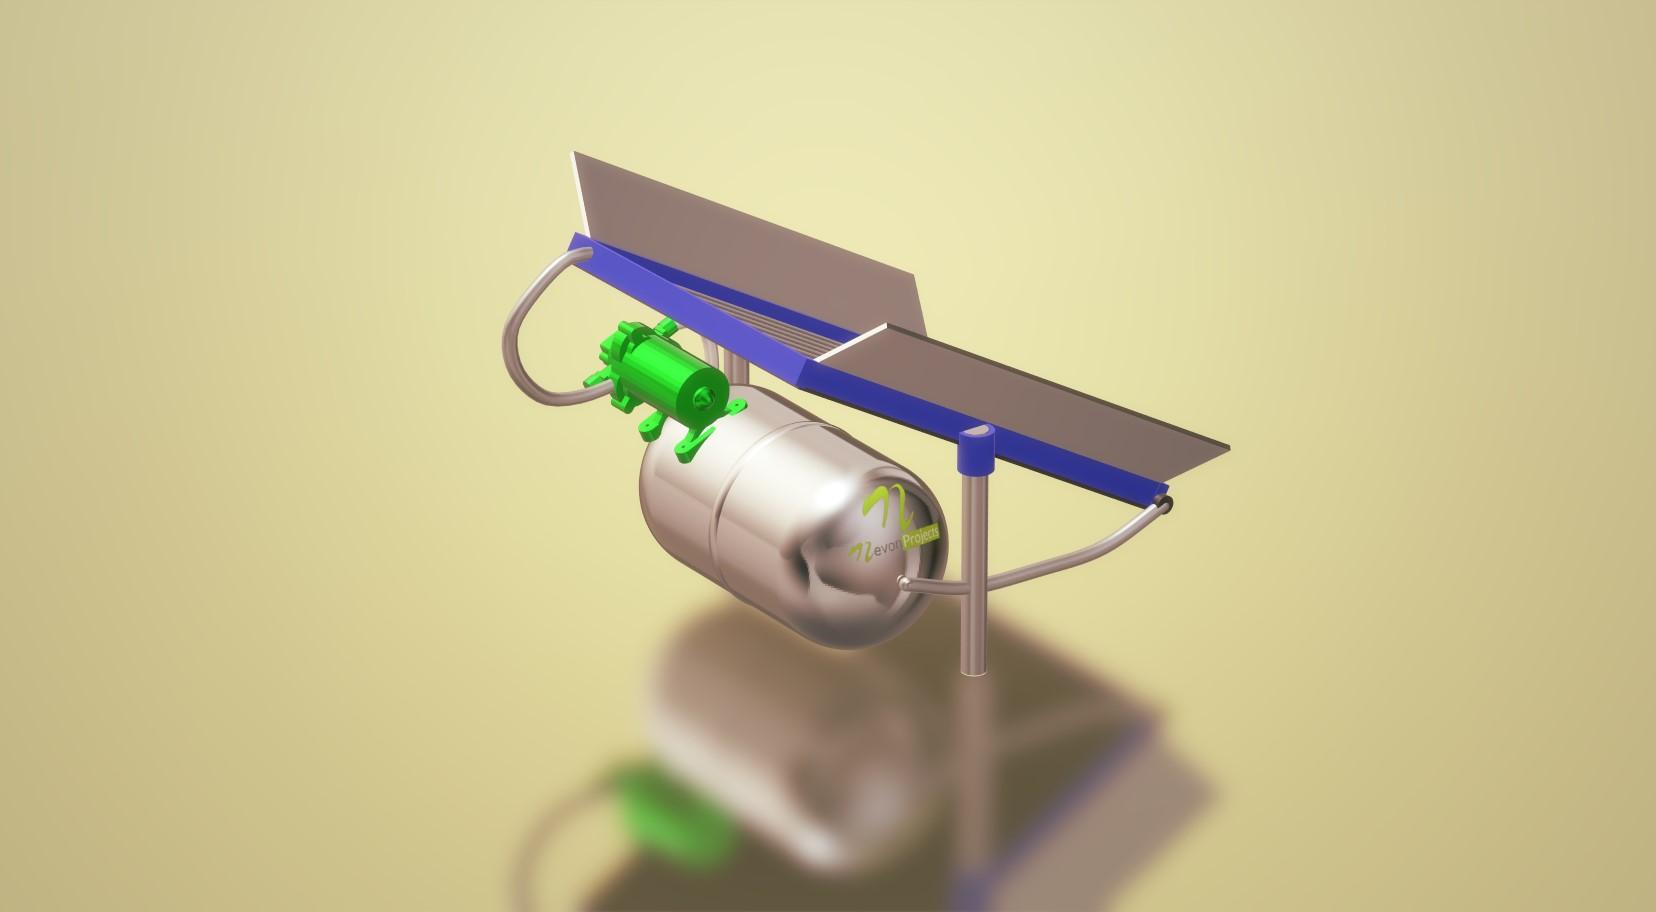 nevon solar water heater